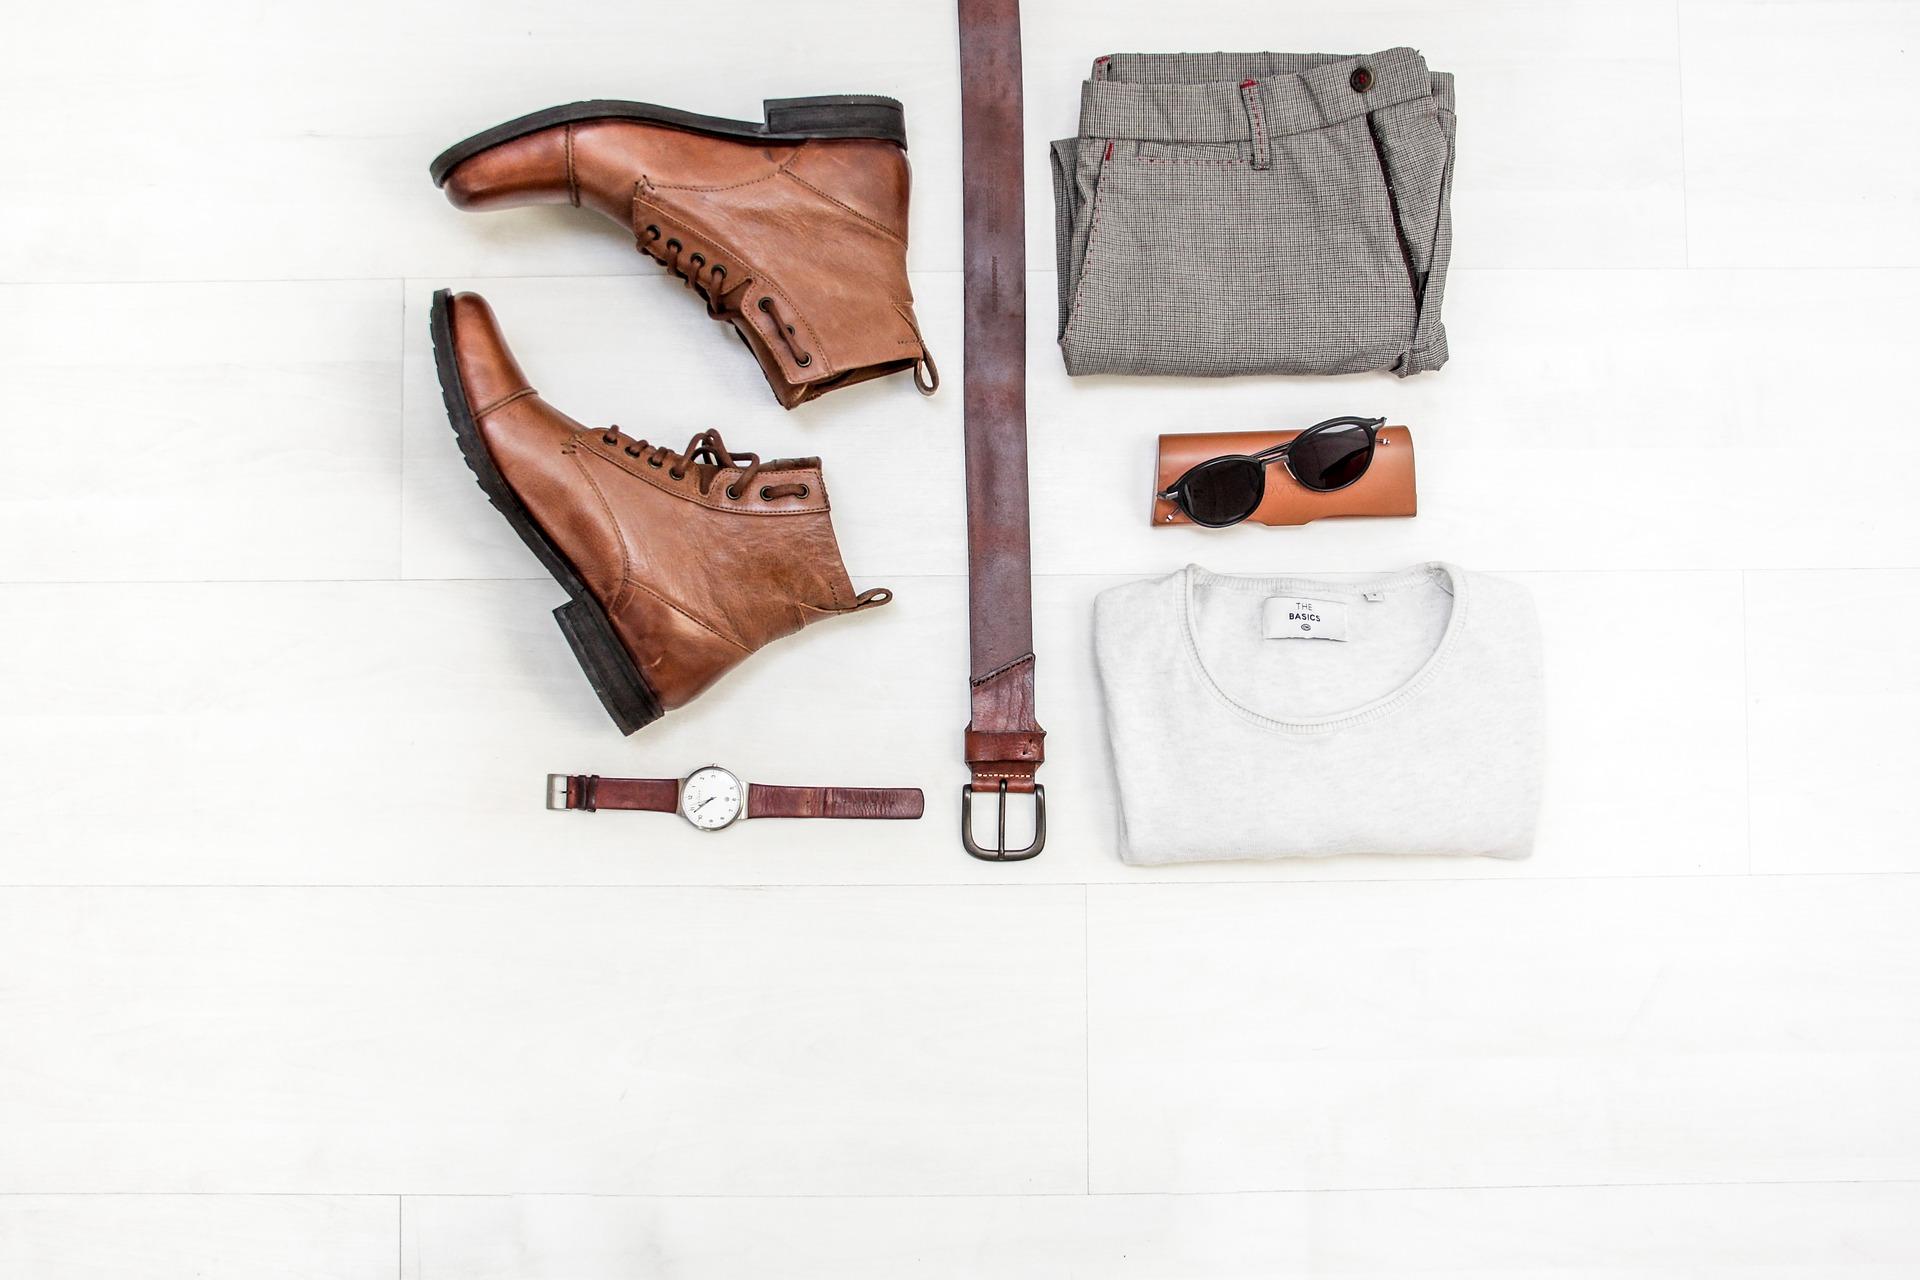 En manque d'inspiration pour votre tenue ? Misez sur des accessoires originaux !